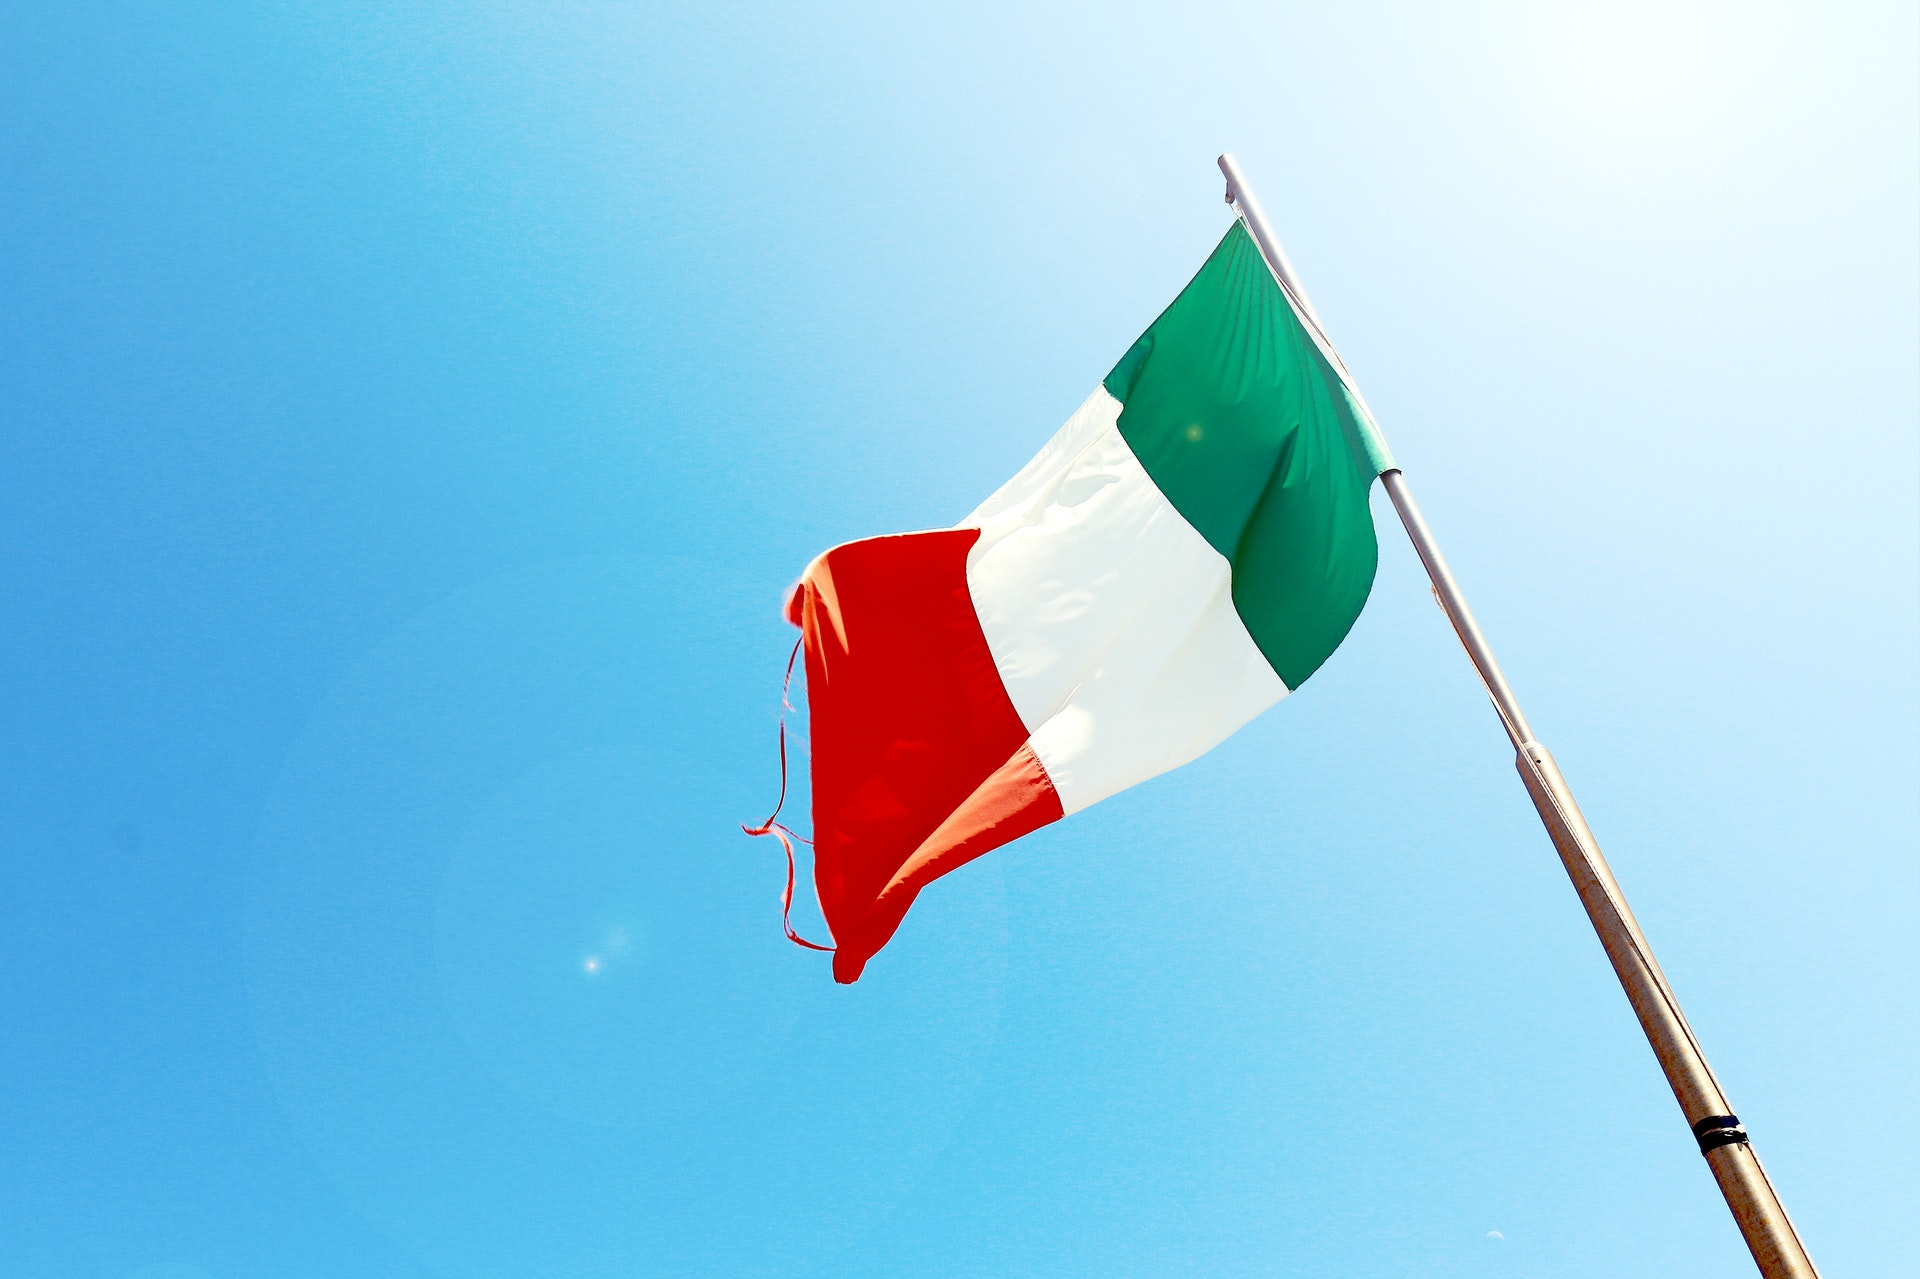 Come e' governata l'italia oggi